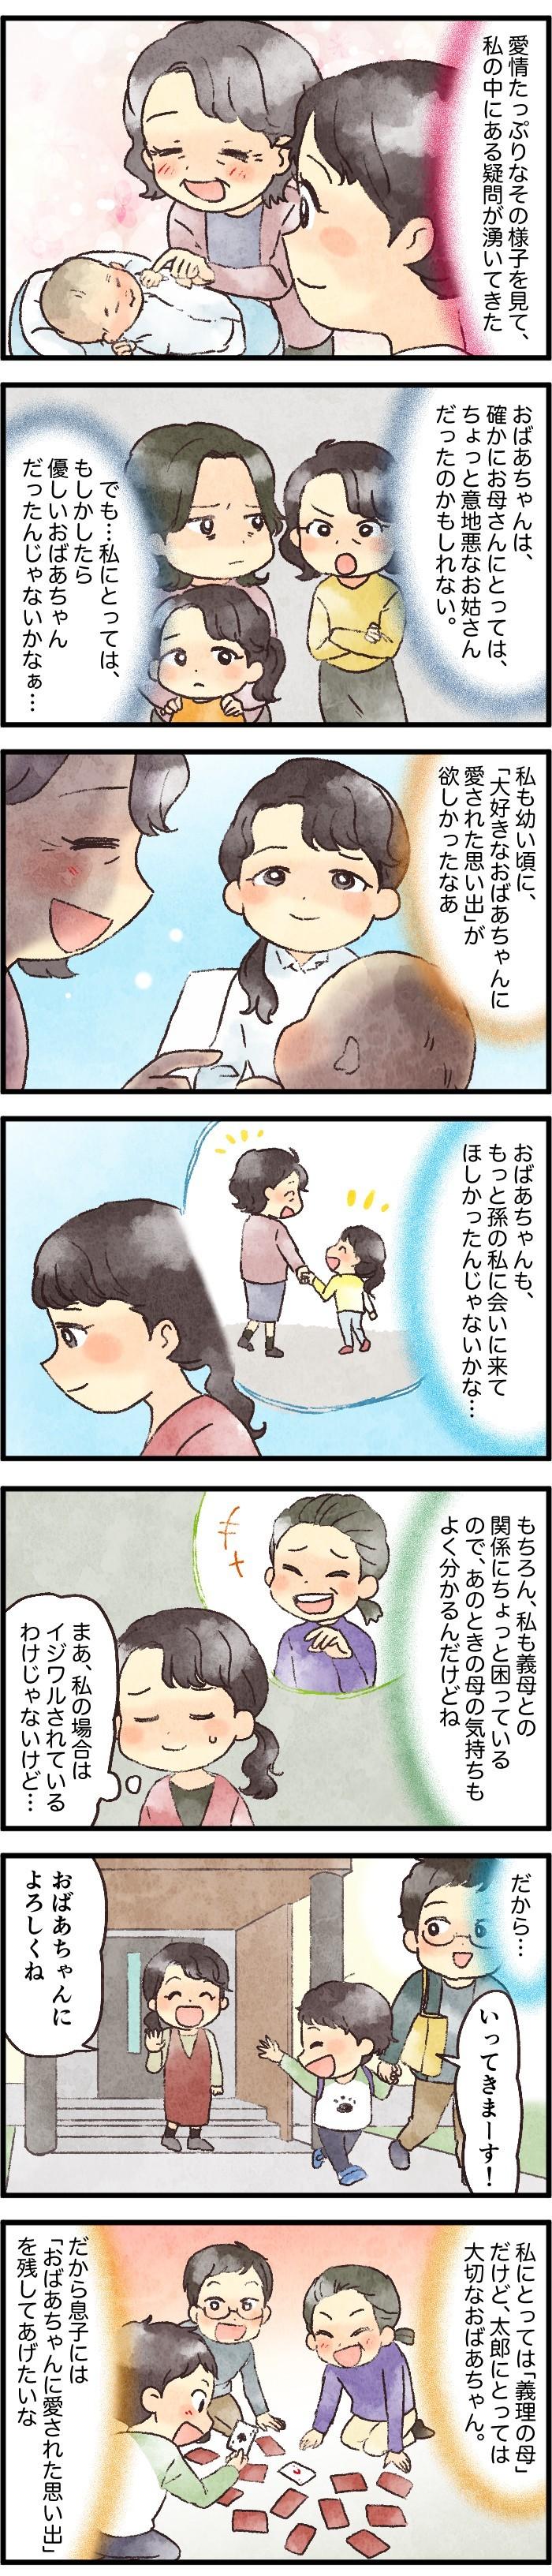 母をいじめる祖母を、避けて過ごした幼少時代。大人になった今だから分かることの画像4